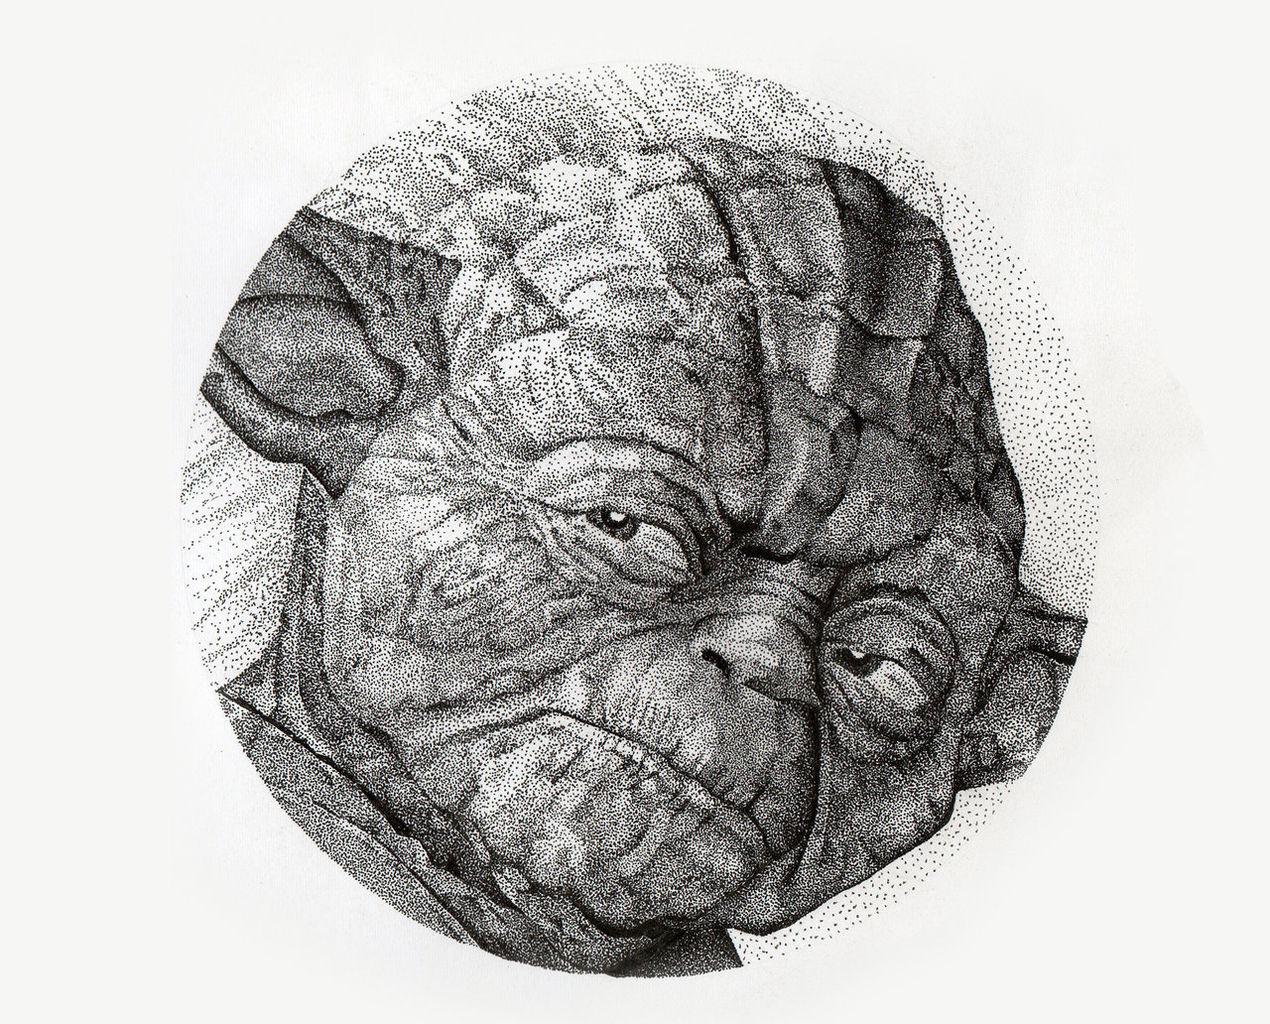 Yoda - Pontilhismo